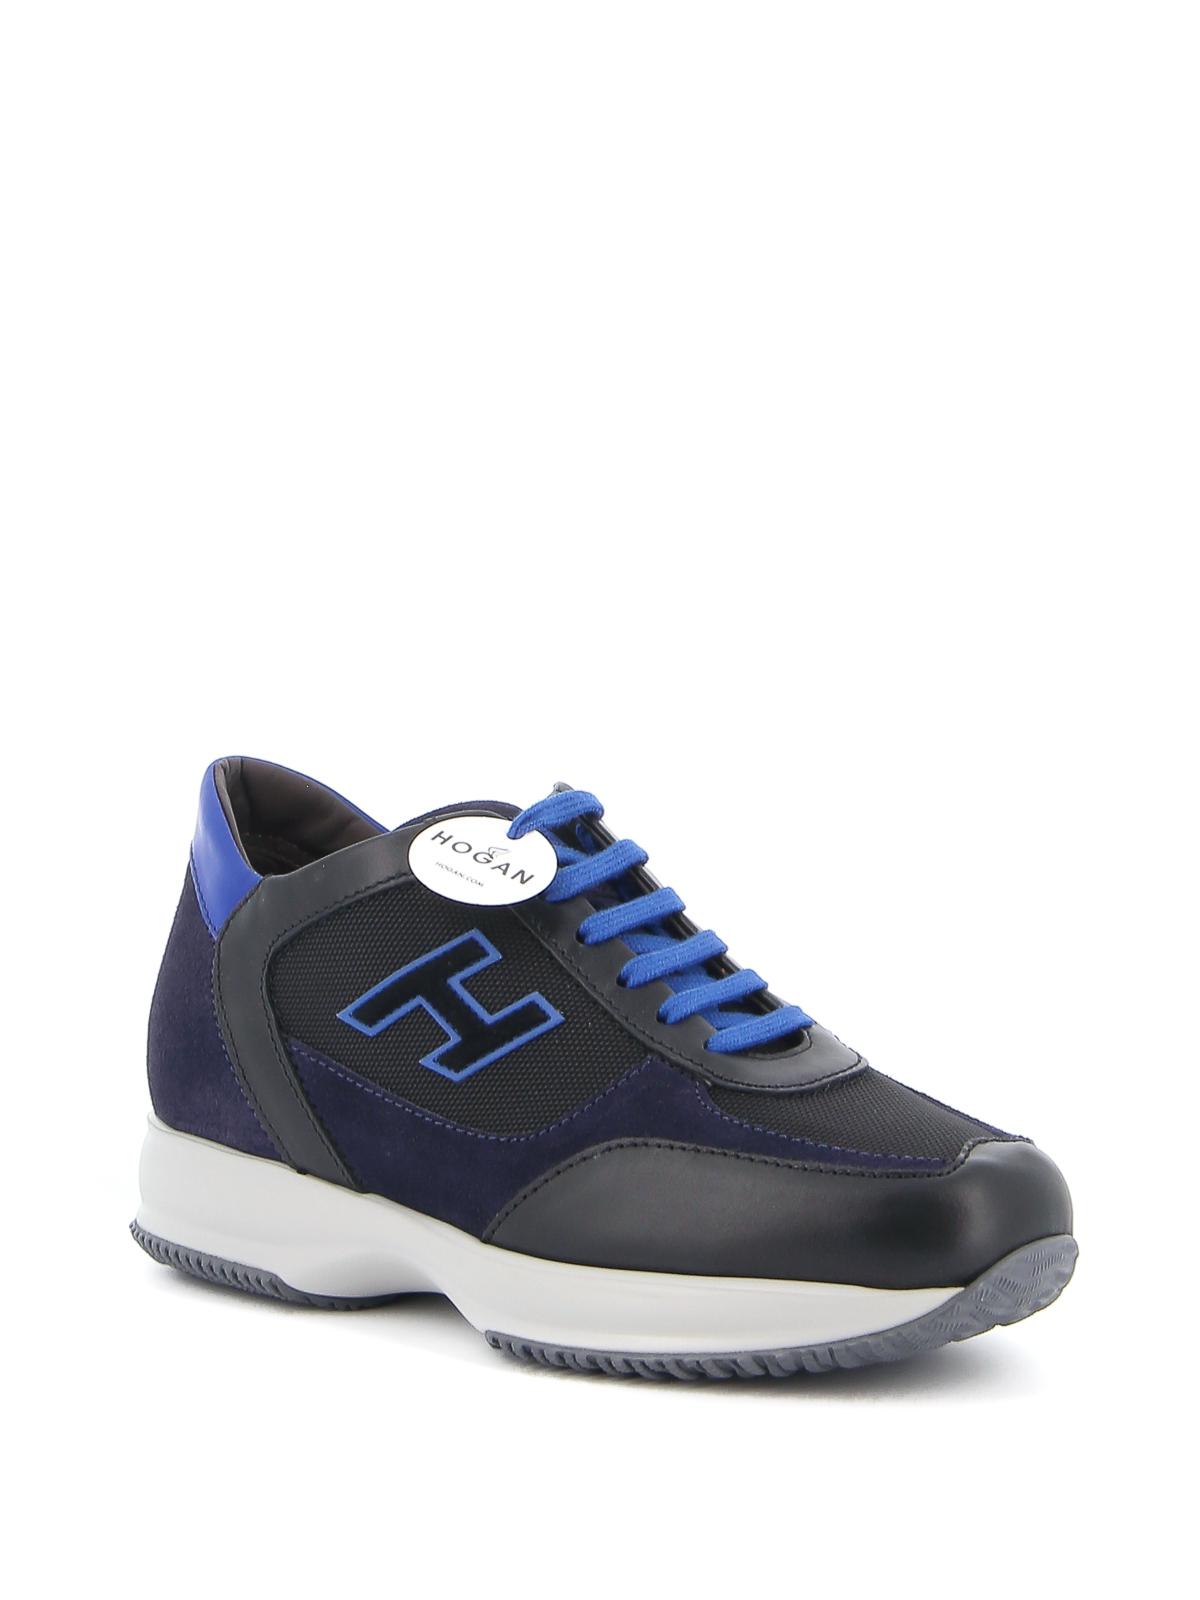 Trainers Hogan - Interactive two-tone sneakers - HXM00N0Q101O8N718N